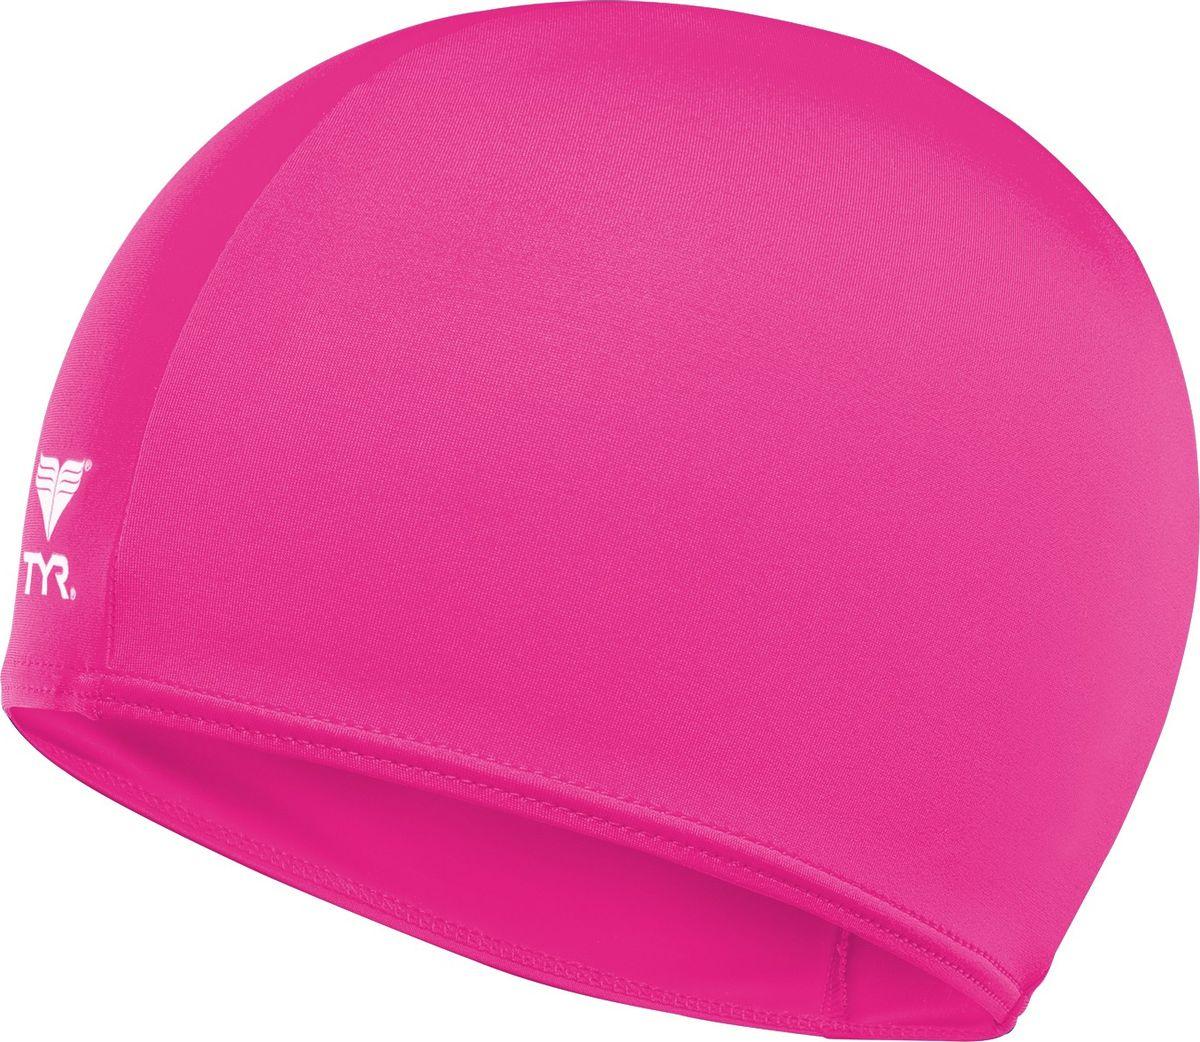 Шапочка для плавания Tyr Solid Lycra Cap, цвет: розовый. LCY шапочка для плавания arena polyester  цвет  темно синий